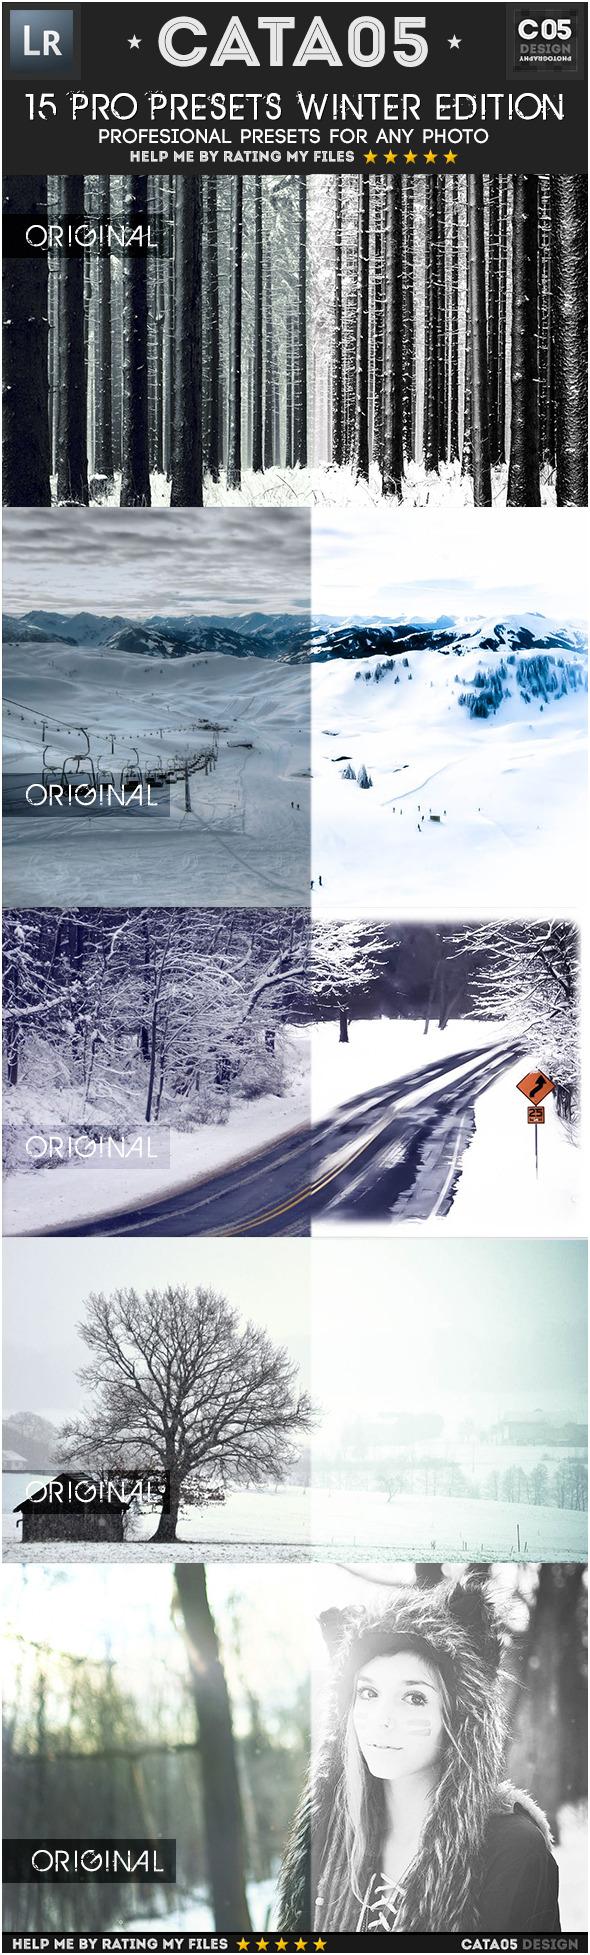 15 Pro Presets Winter Edition - Landscape Lightroom Presets